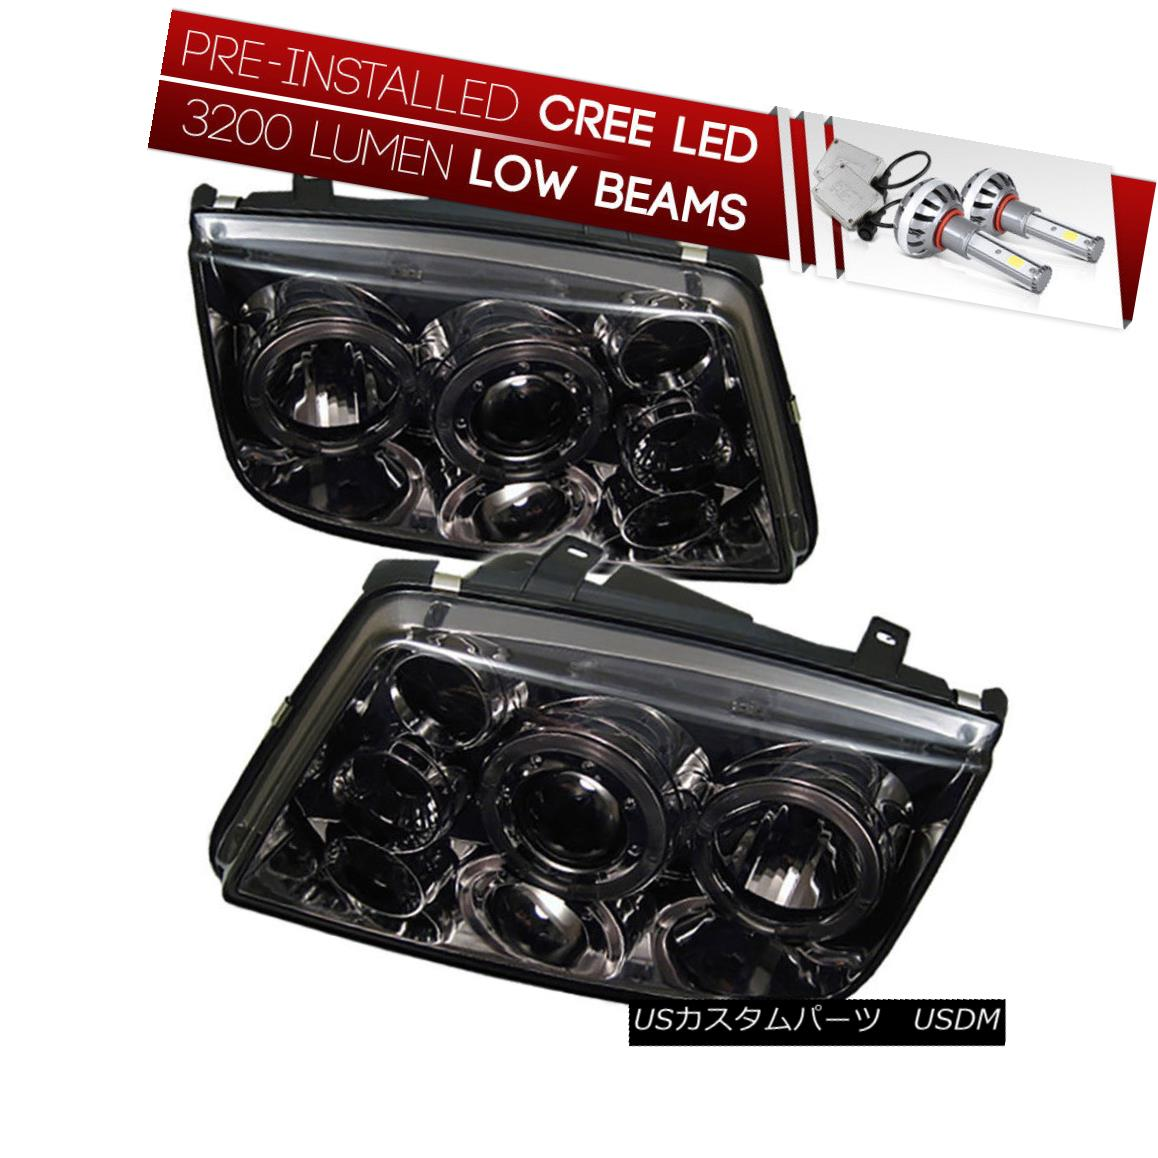 ヘッドライト [CREE LED Bulb Installed]99-05 Jetta Bora Smoked Dual Halo Projector Headlight [CREE LED Bulb Installed] 99-0  5 Jetta Boraスモークデュアルハロープロジェクターヘッドライト